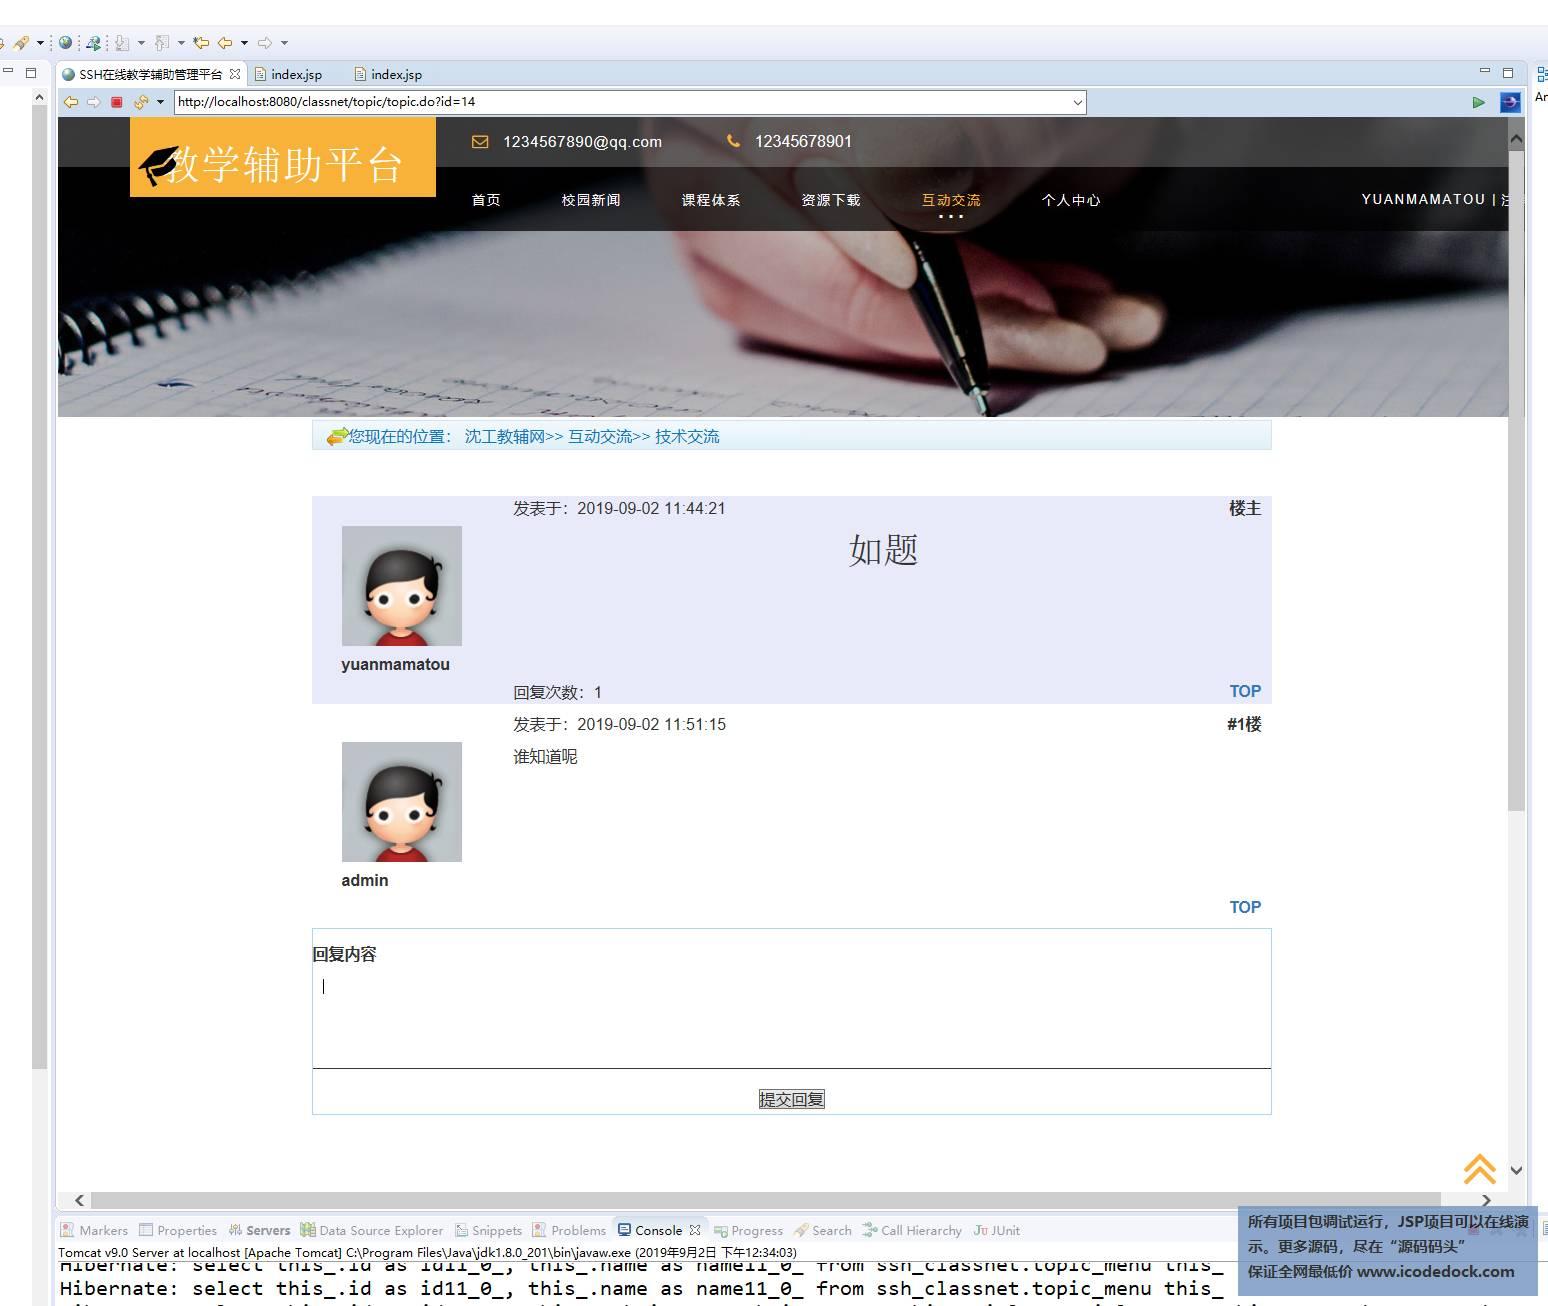 源码码头-SSH教学辅助视频学习交流管理系统-学生用户角色-回复交流帖子